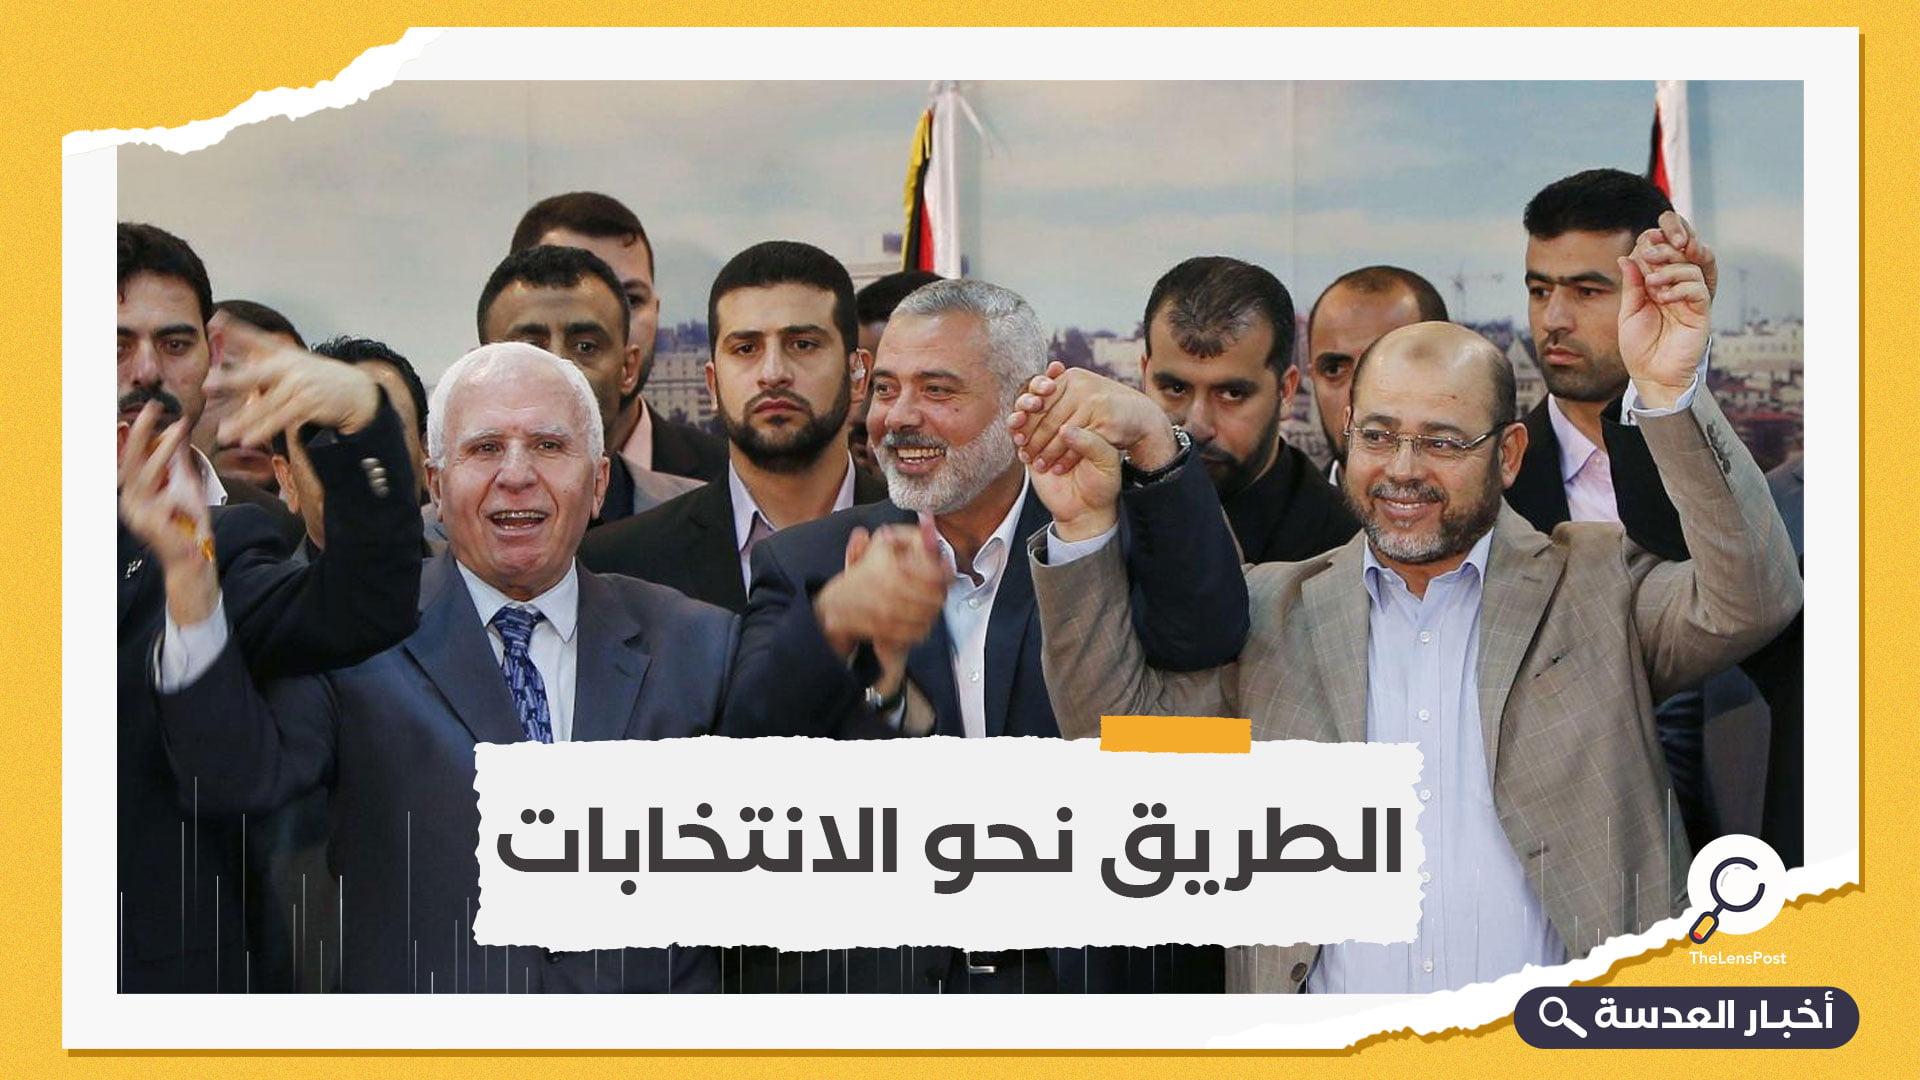 حماس وفتح في القاهرة الأسبوع المقبل لاستئناف جلسات الحوار الوطني الشامل